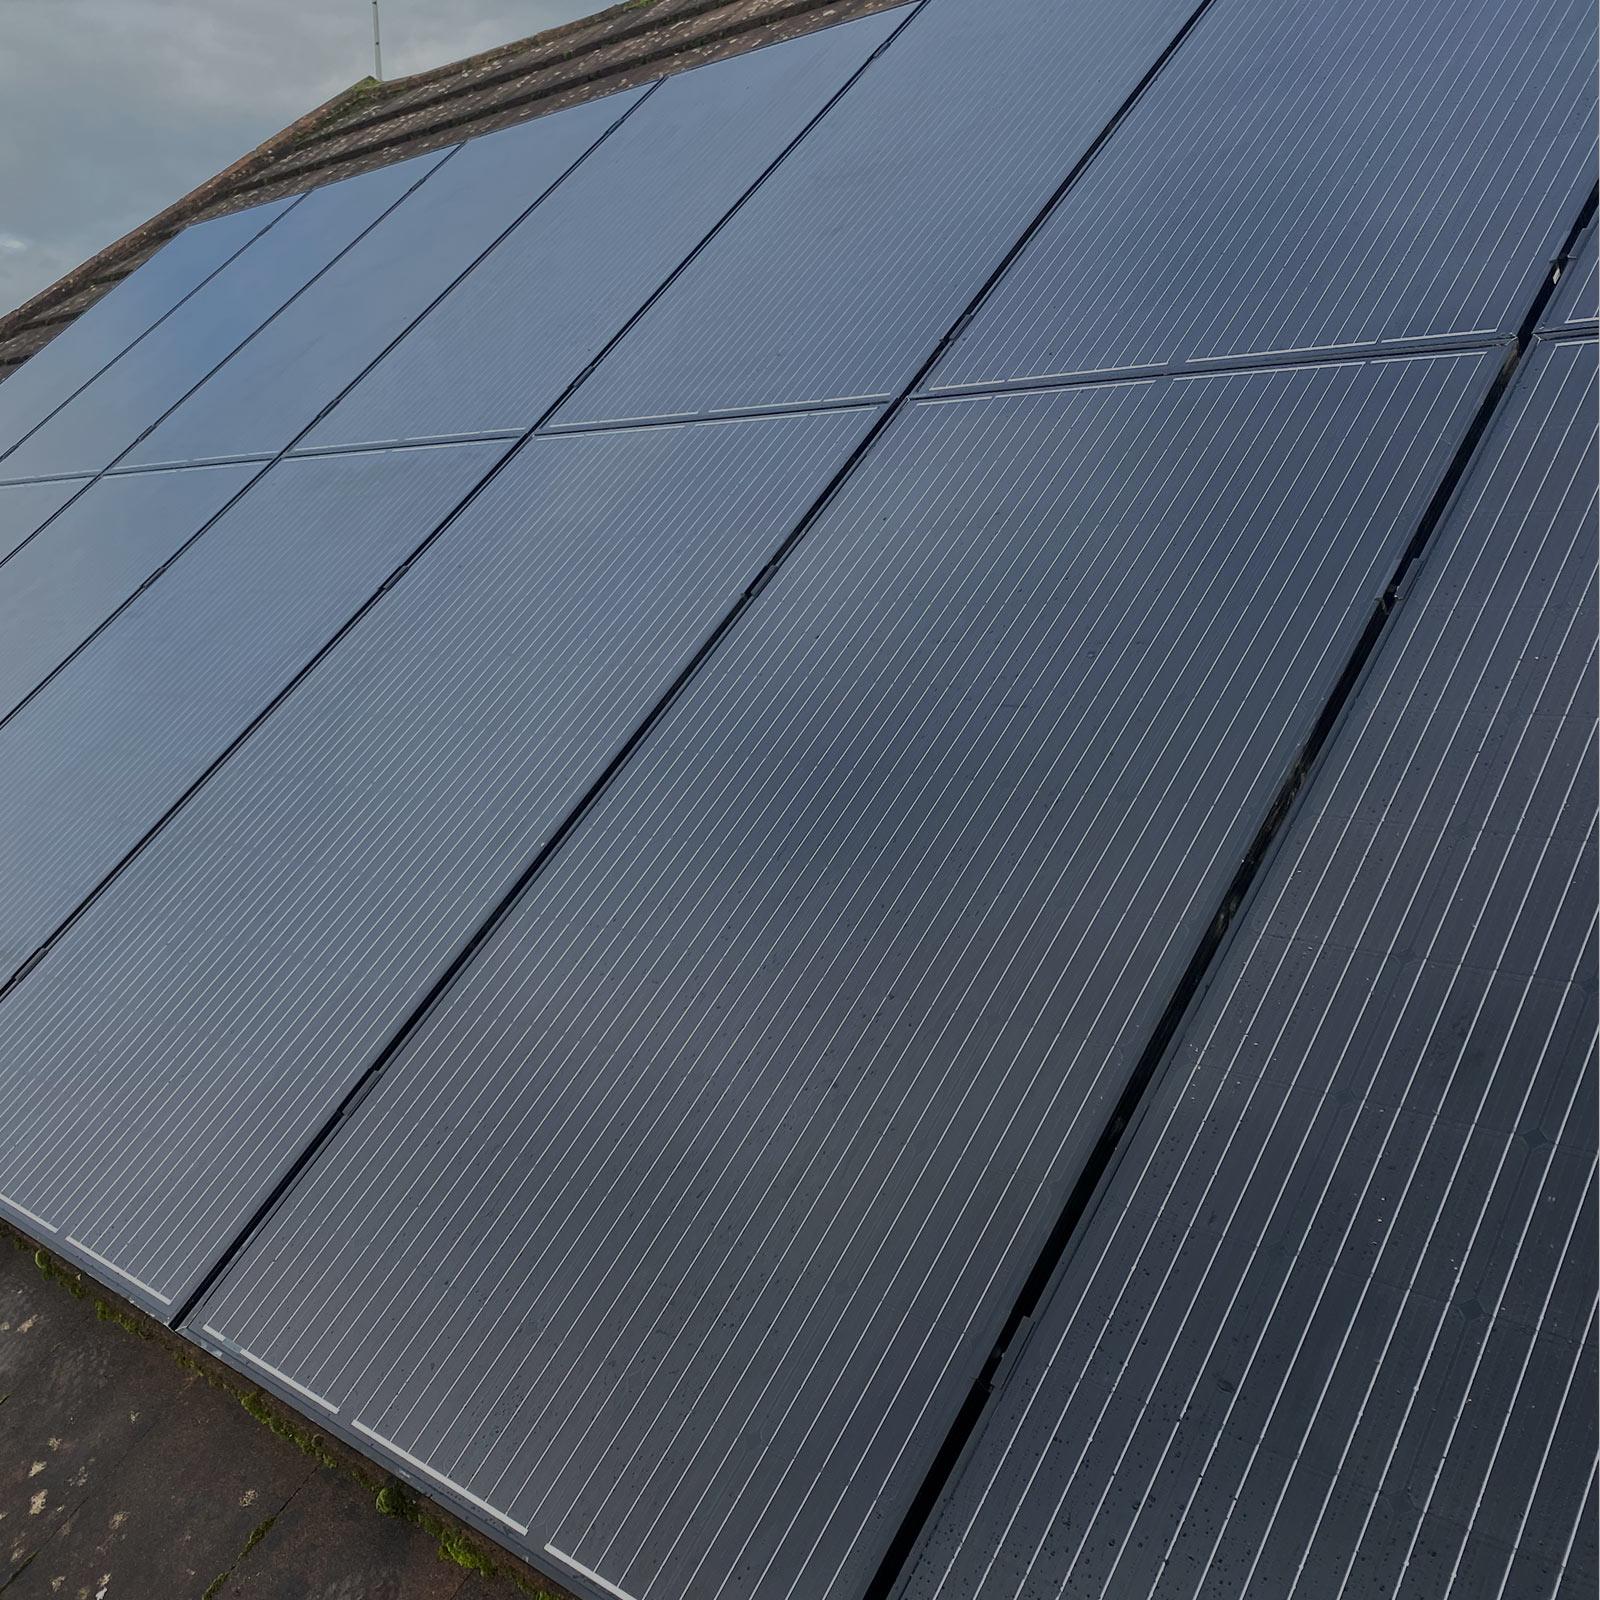 Black Solar Panel Installation